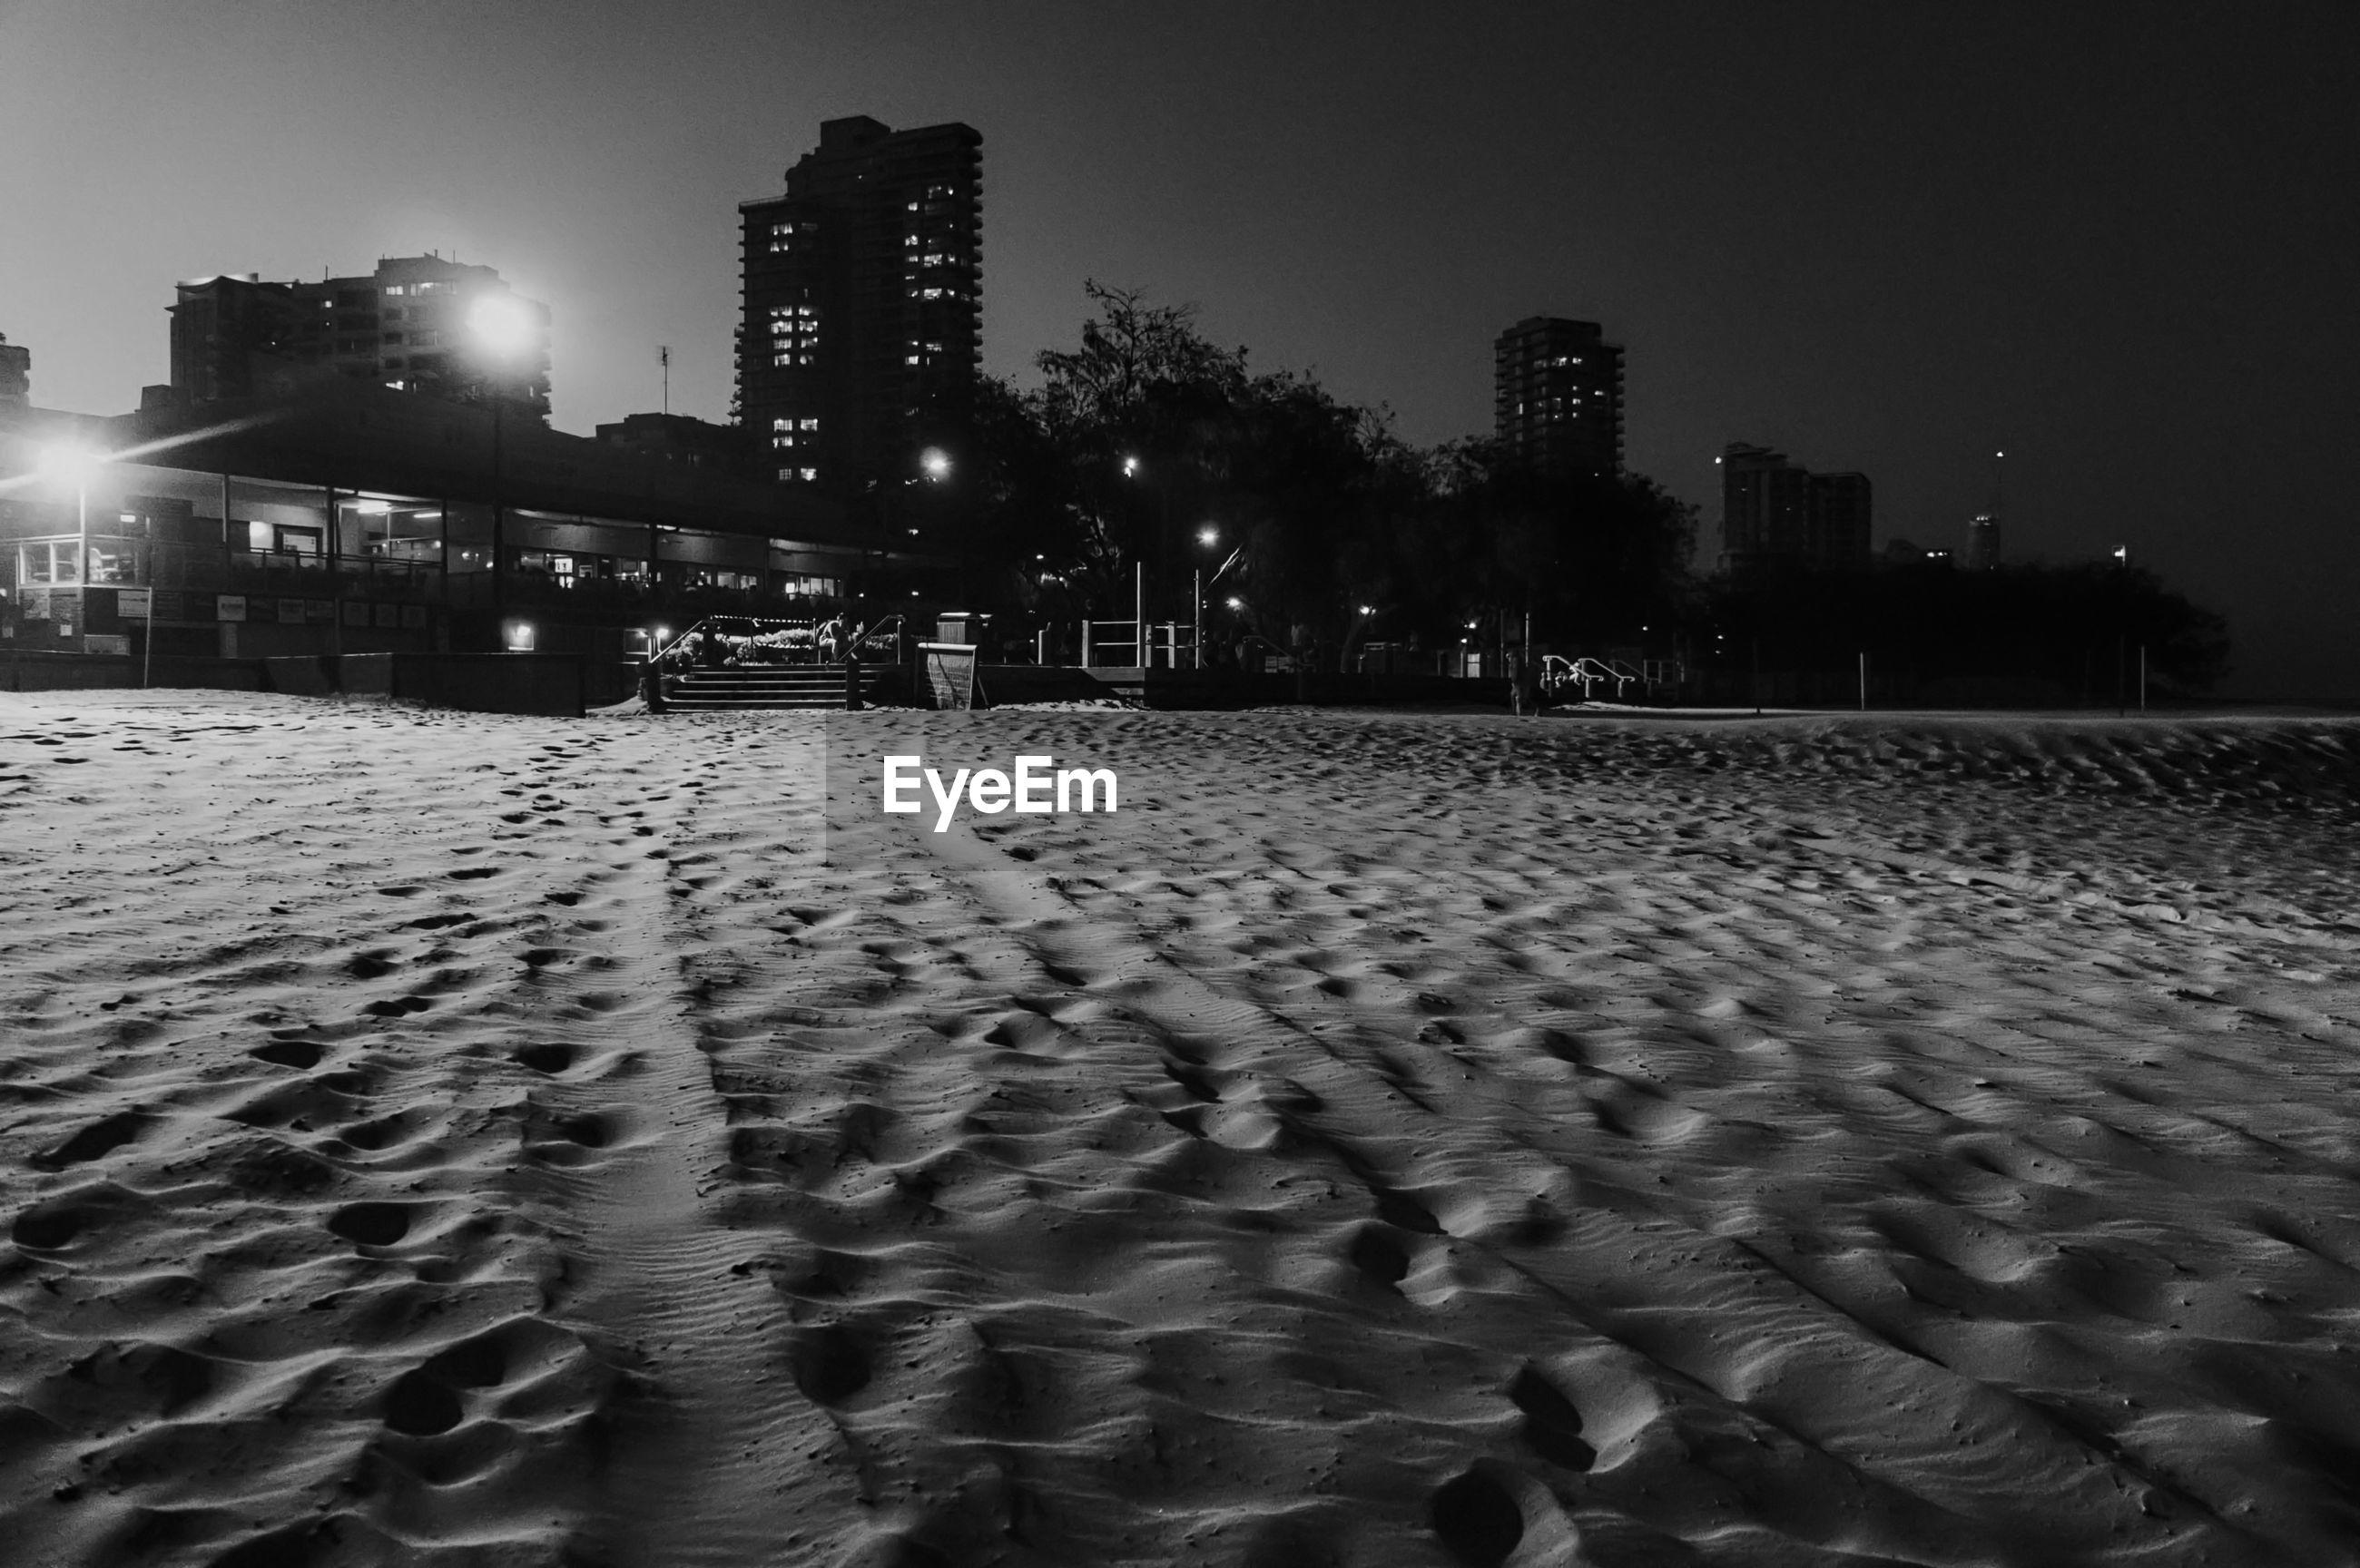 Sandy beach against buildings in city